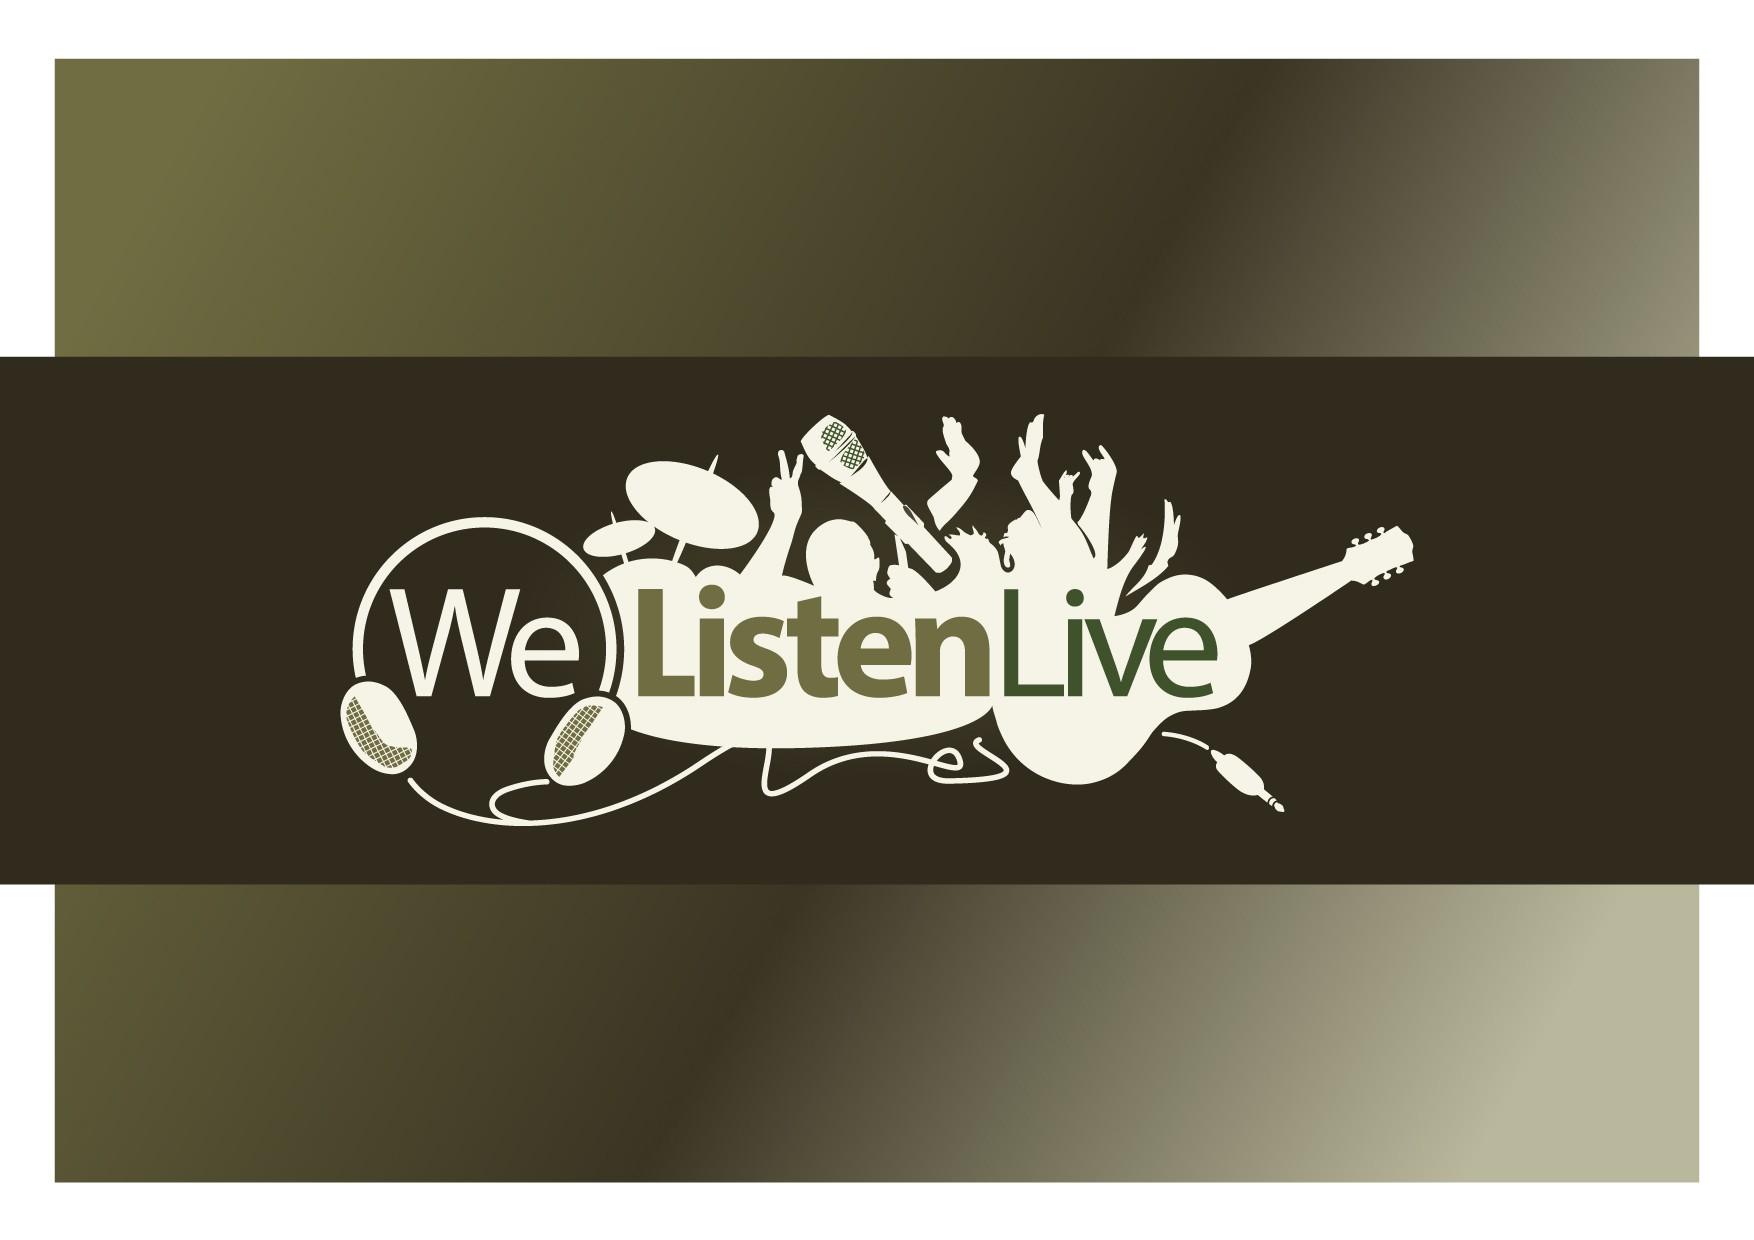 Logo for WeListenLive